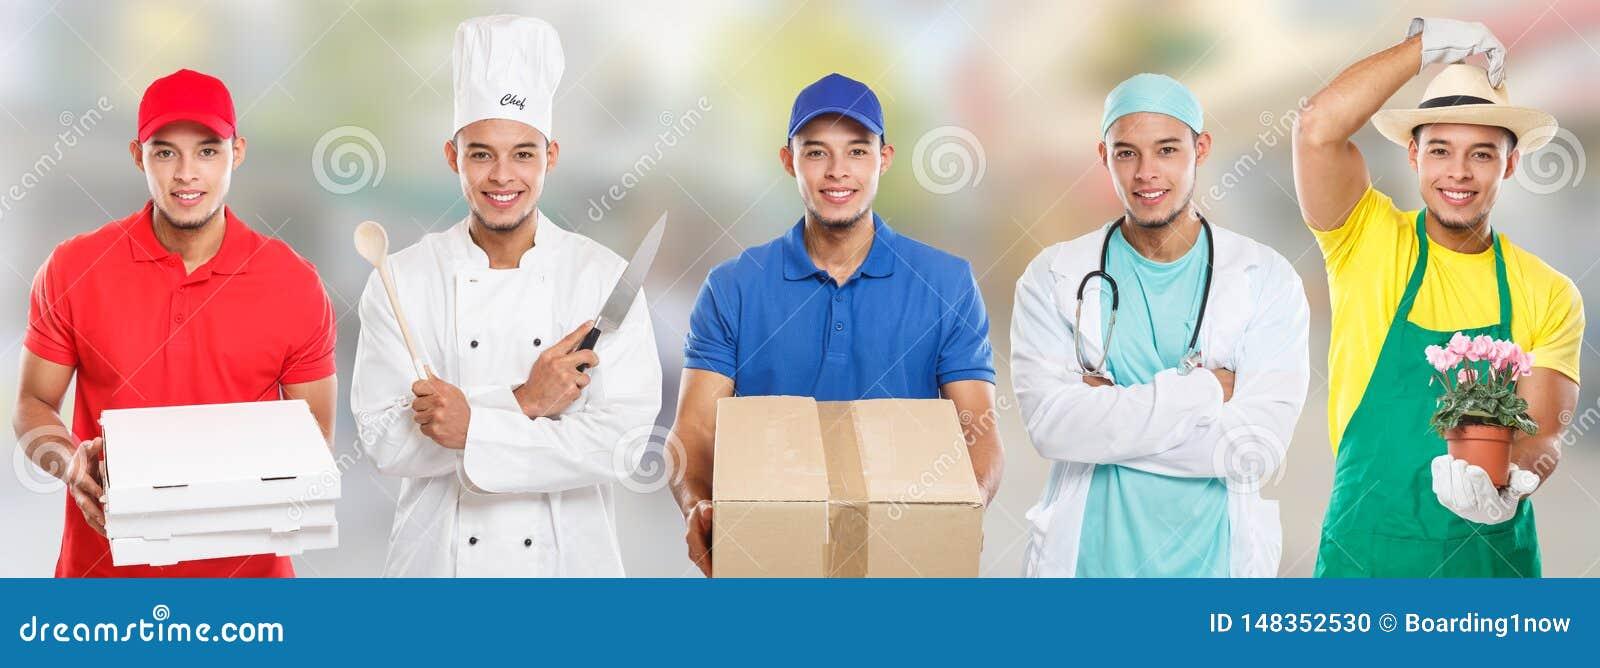 Ciudad latina joven del trabajo del hombre del cocinero del doctor de la profesión del entrenamiento de la educación del empleo d